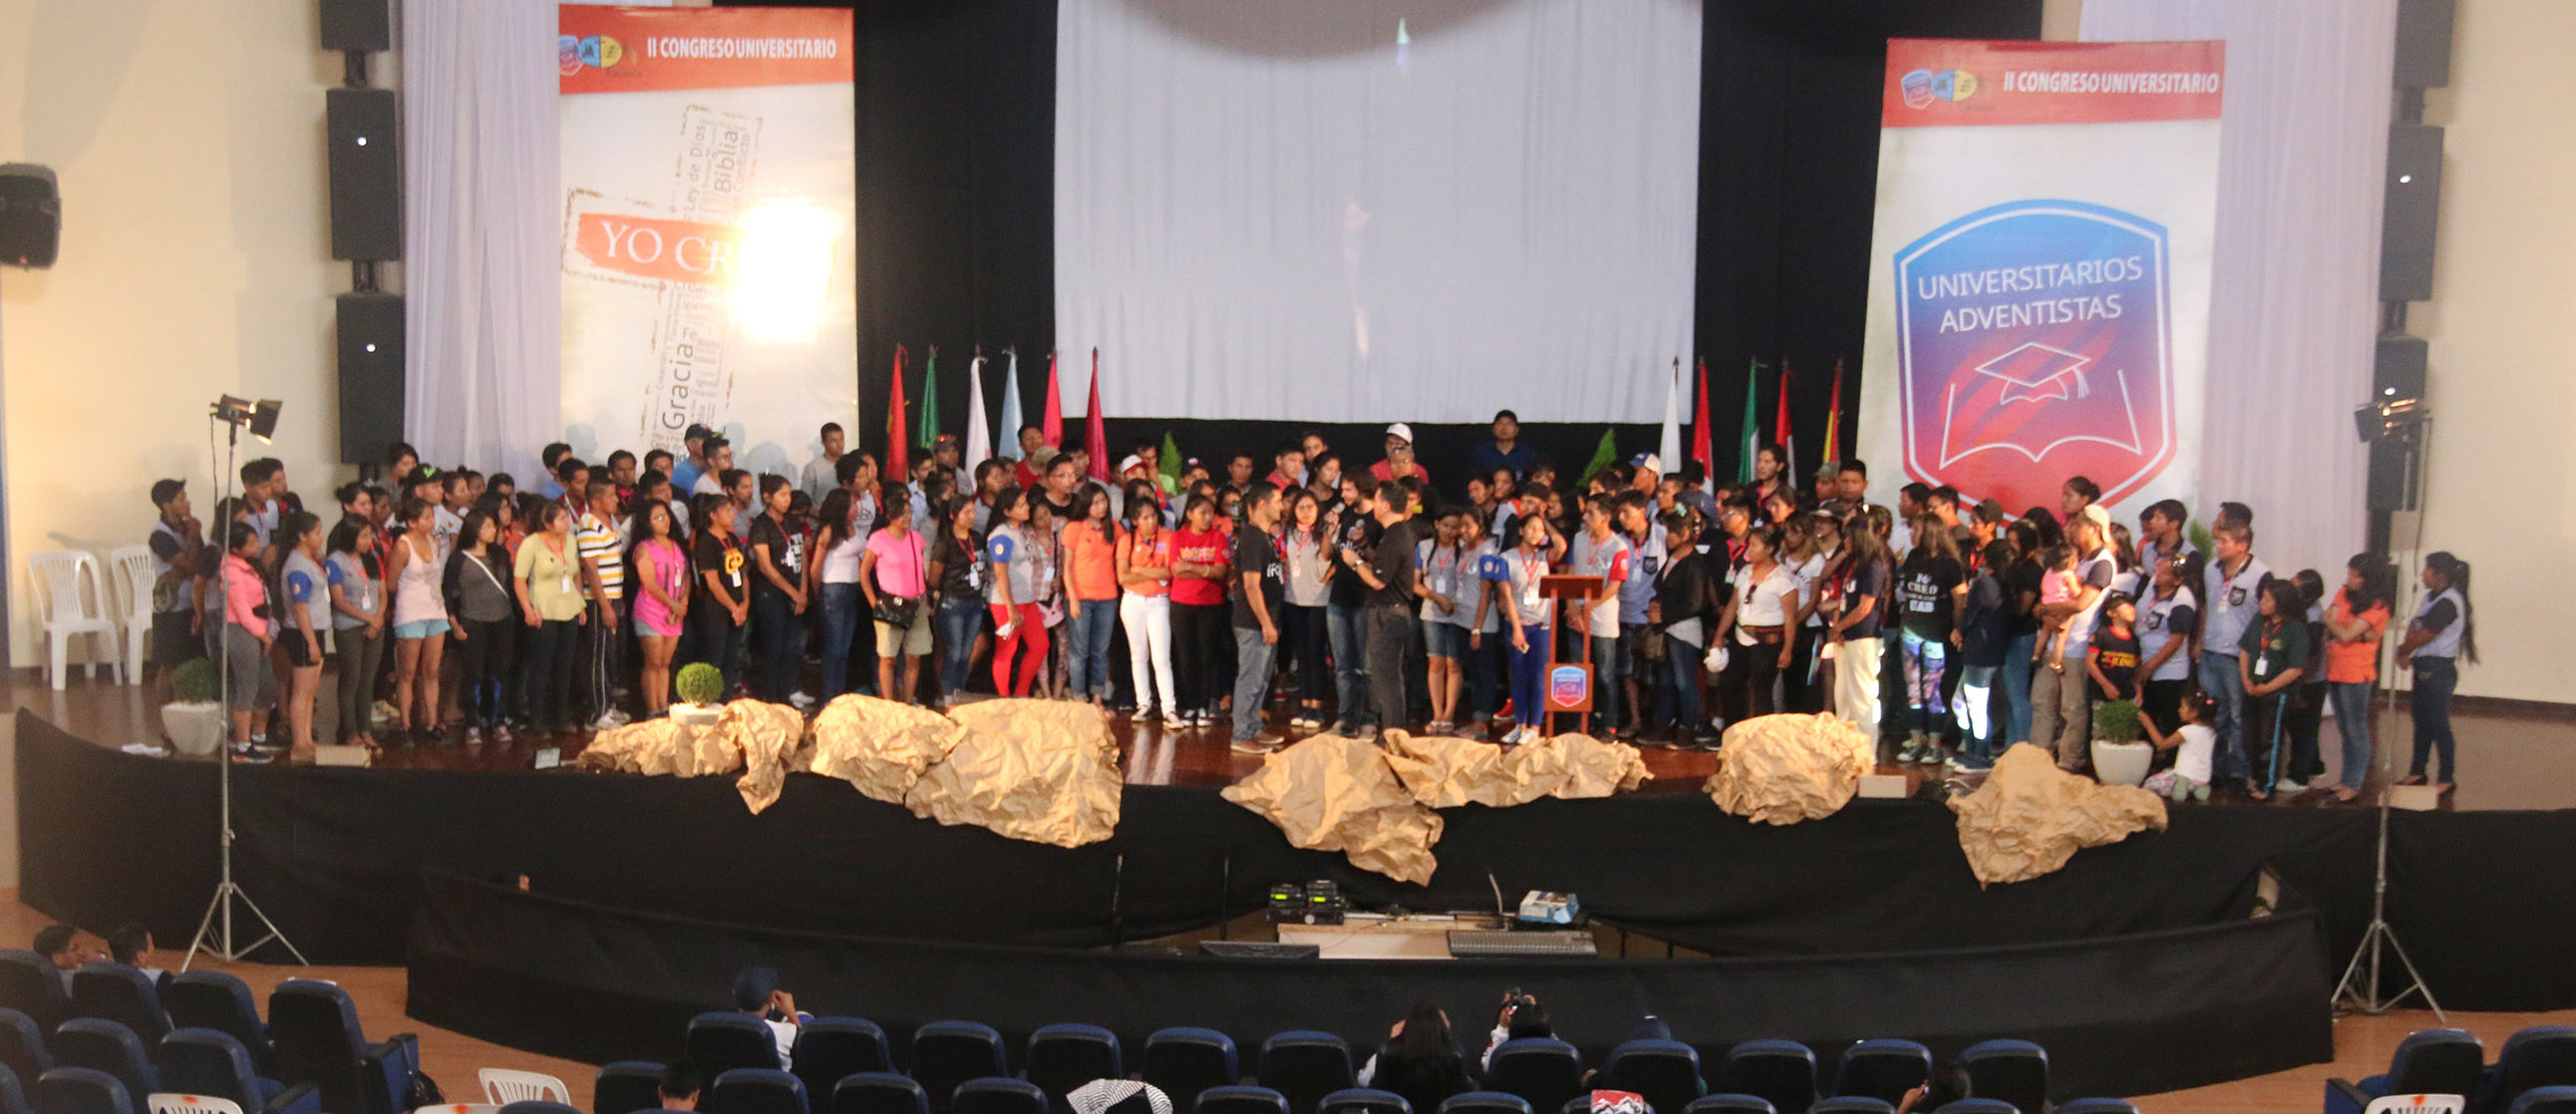 Estudiantes Universitarios Adventistas de la UB respondiendo al llamado de servir como voluntarios